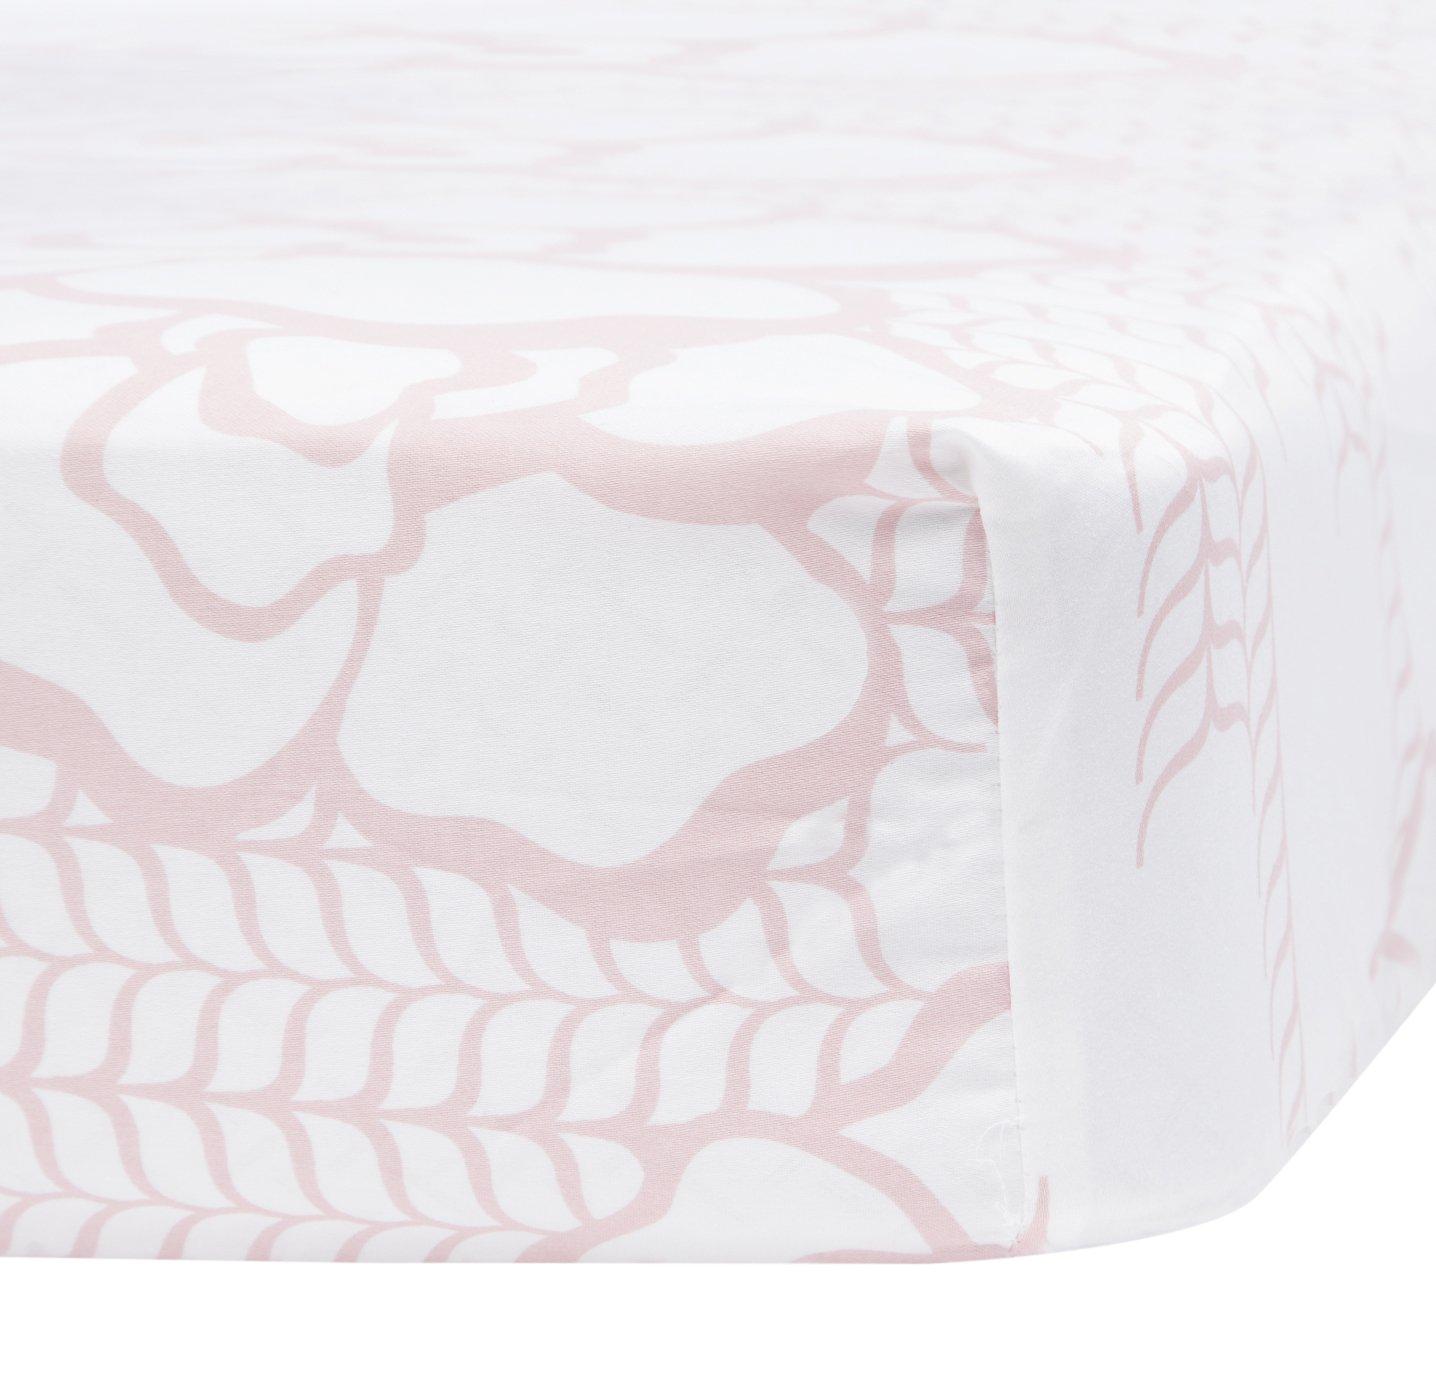 Oilo Capri Jersey Crib Sheet, Blush by Oilo